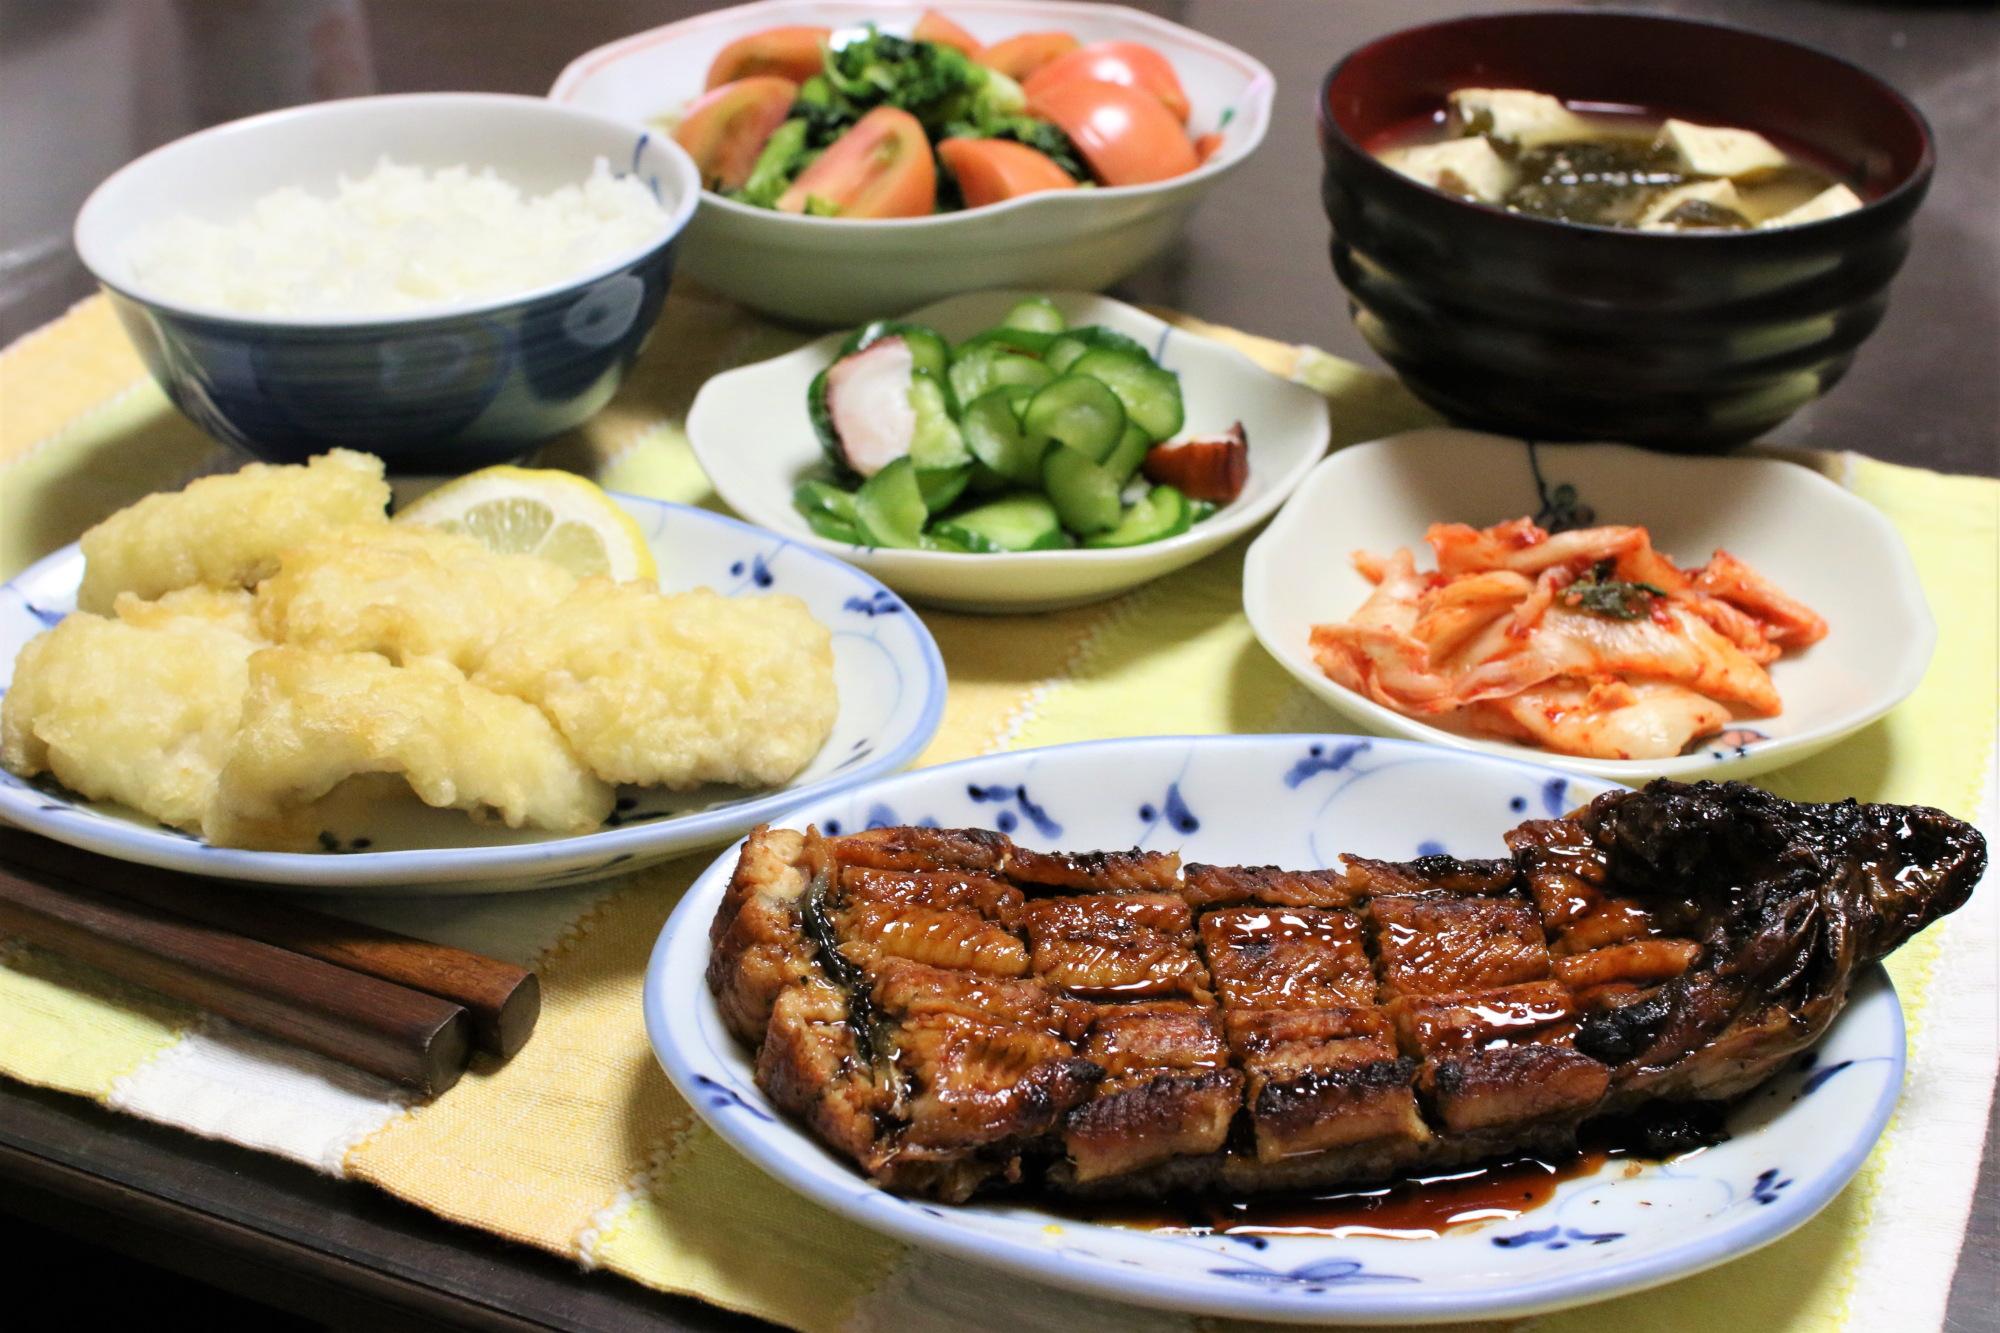 土用の丑の日におばあが用意した鰻のかば焼きと鱧の天ぷら